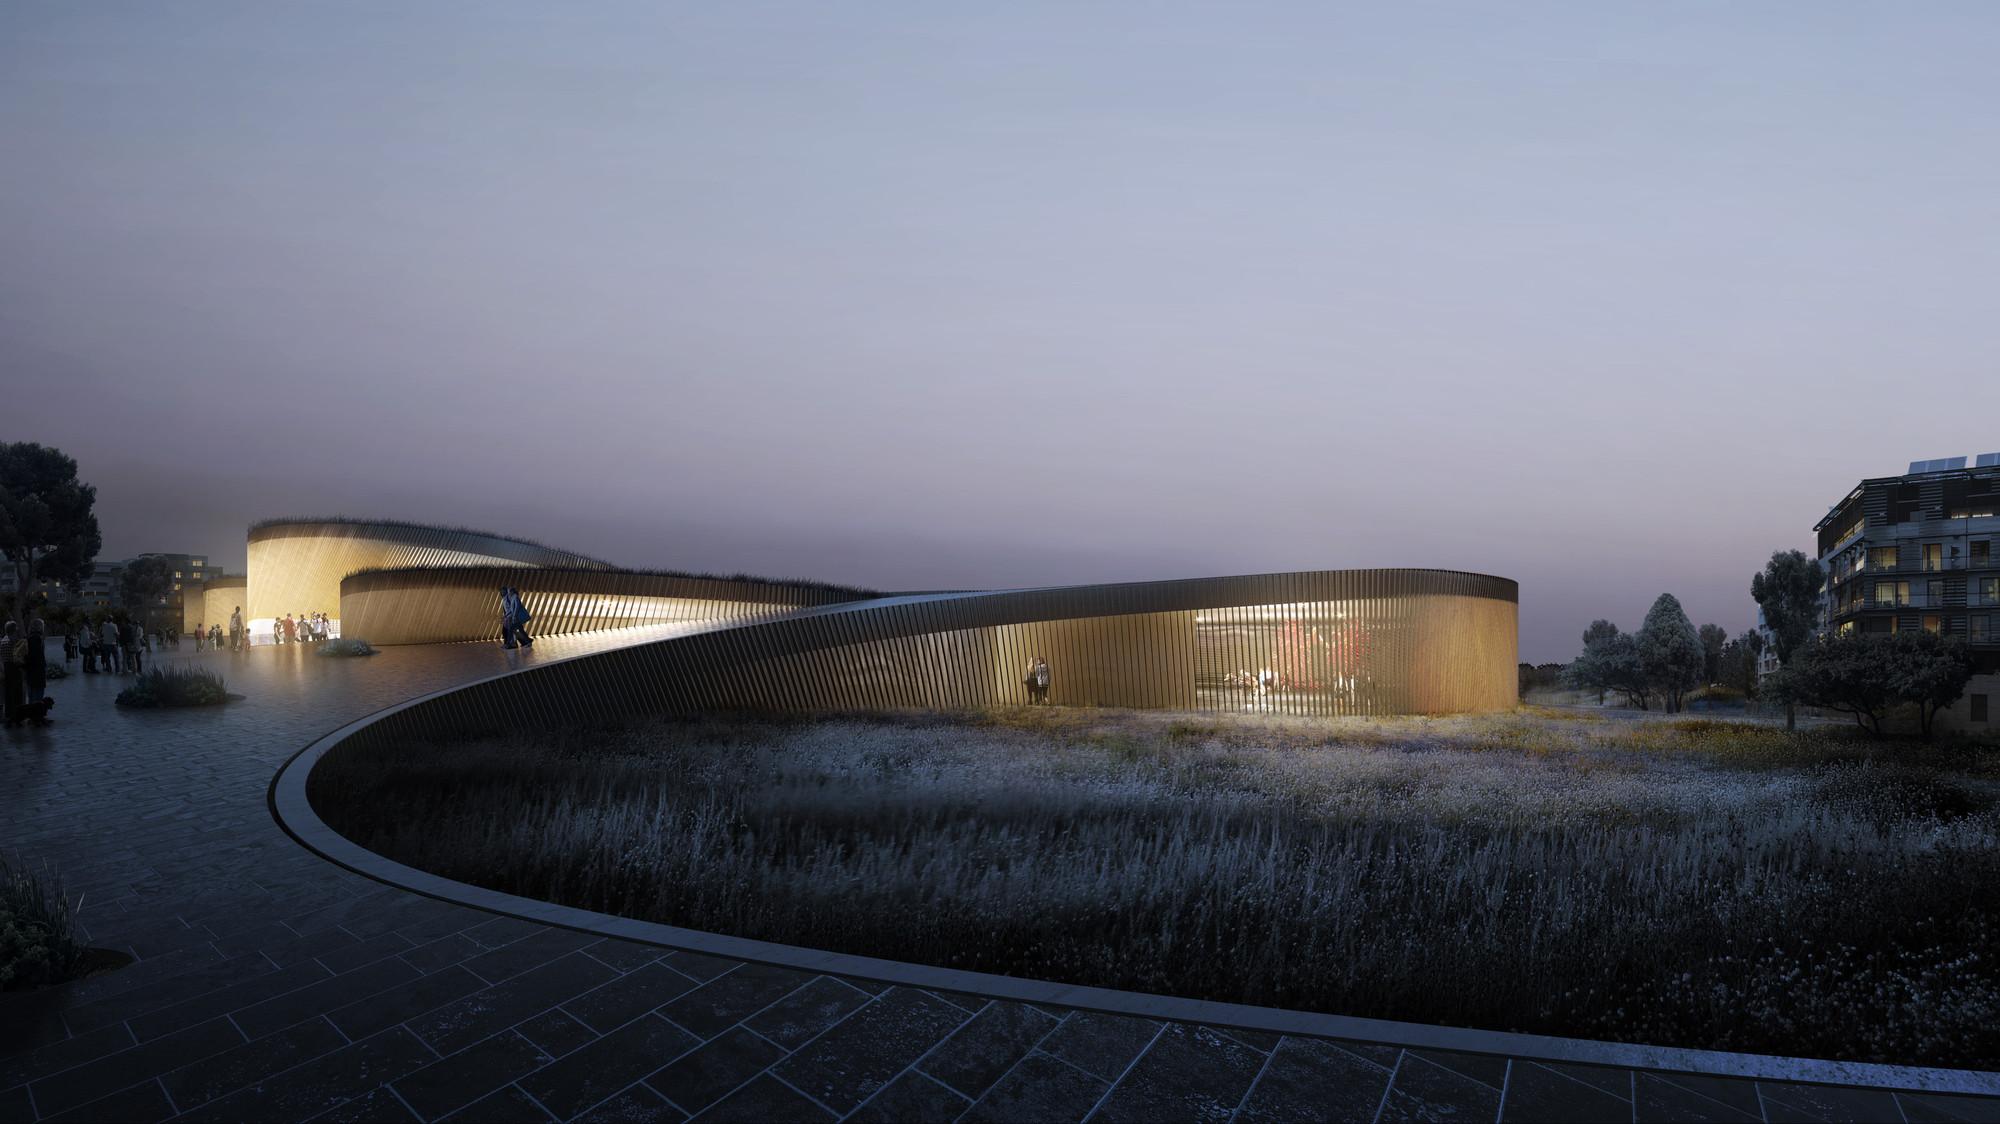 BIG Seleccionado para diseñar el Museo del Cuerpo Humano en Francia, Courtesy of BIG